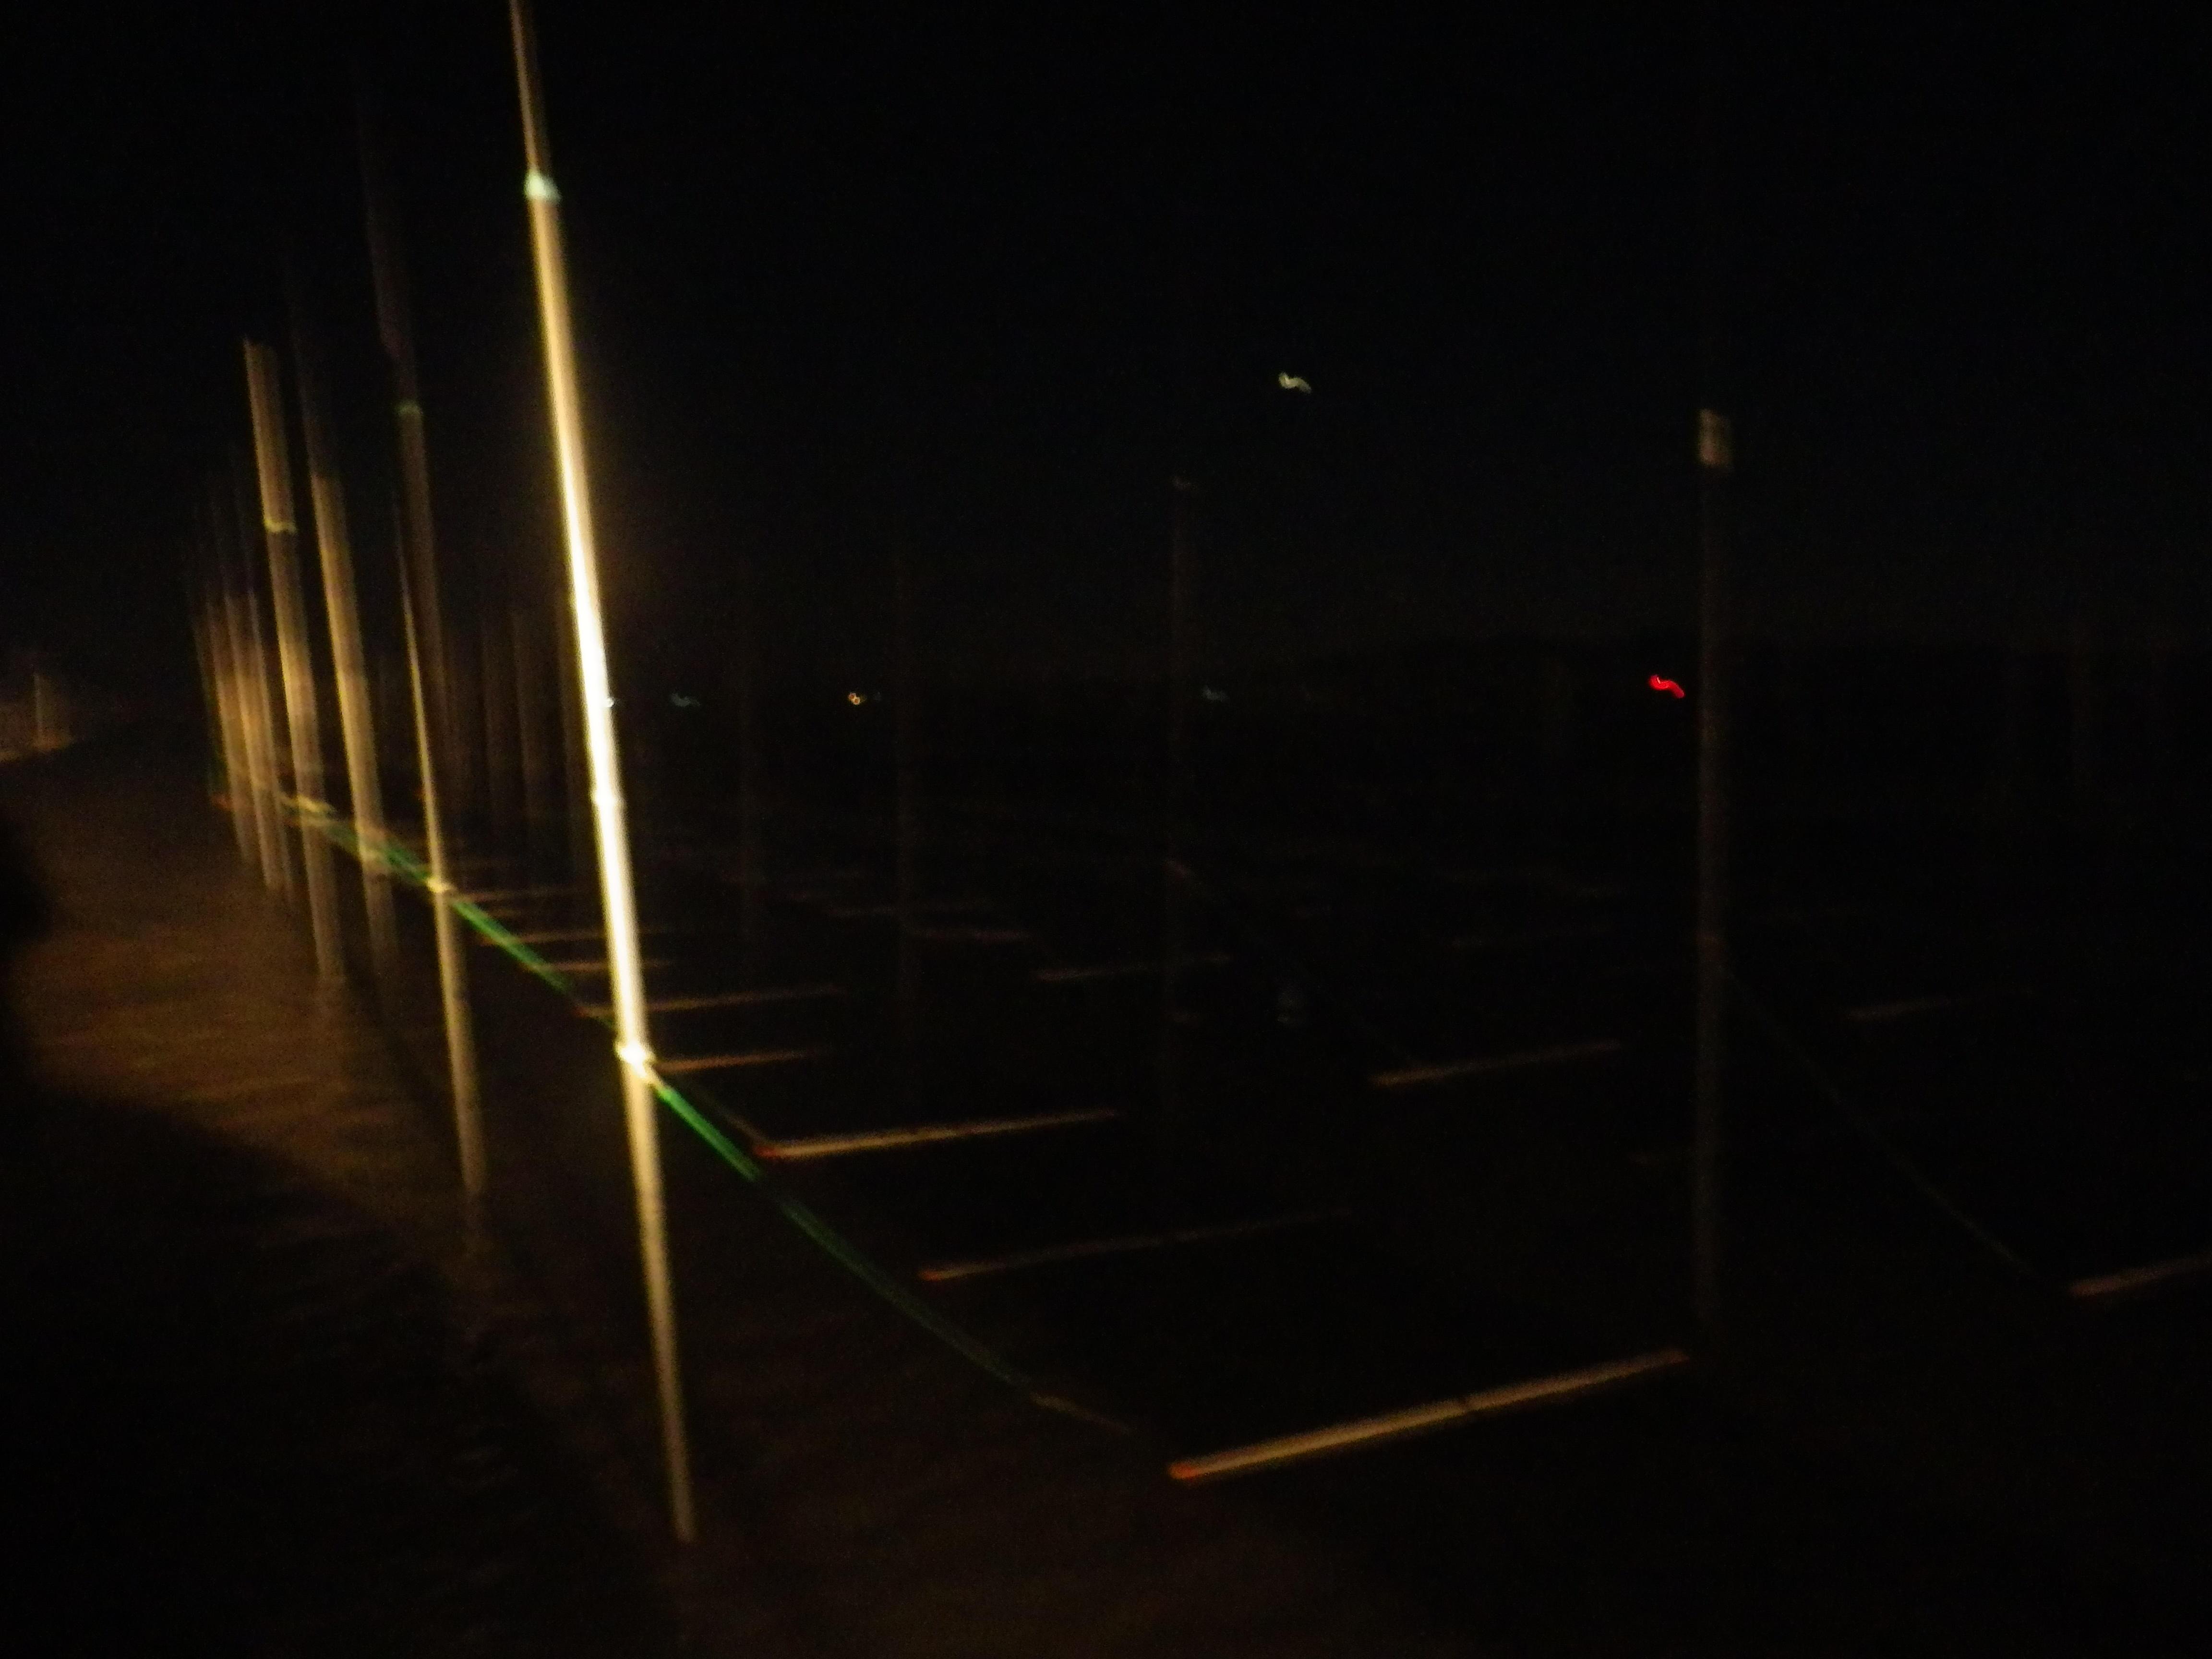 暗くて寒い夜の漁場